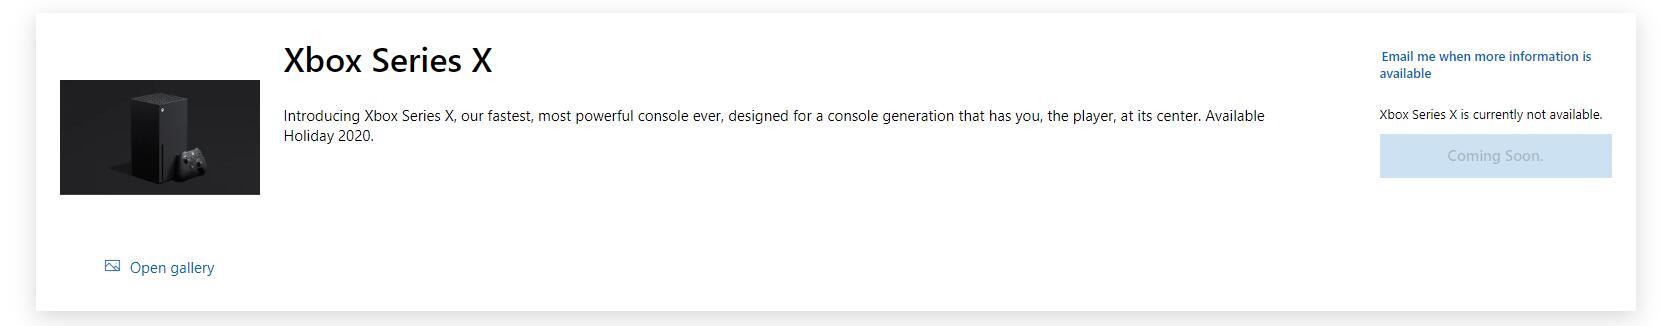 Xbox Series X微软官方网站商店购买界面上线